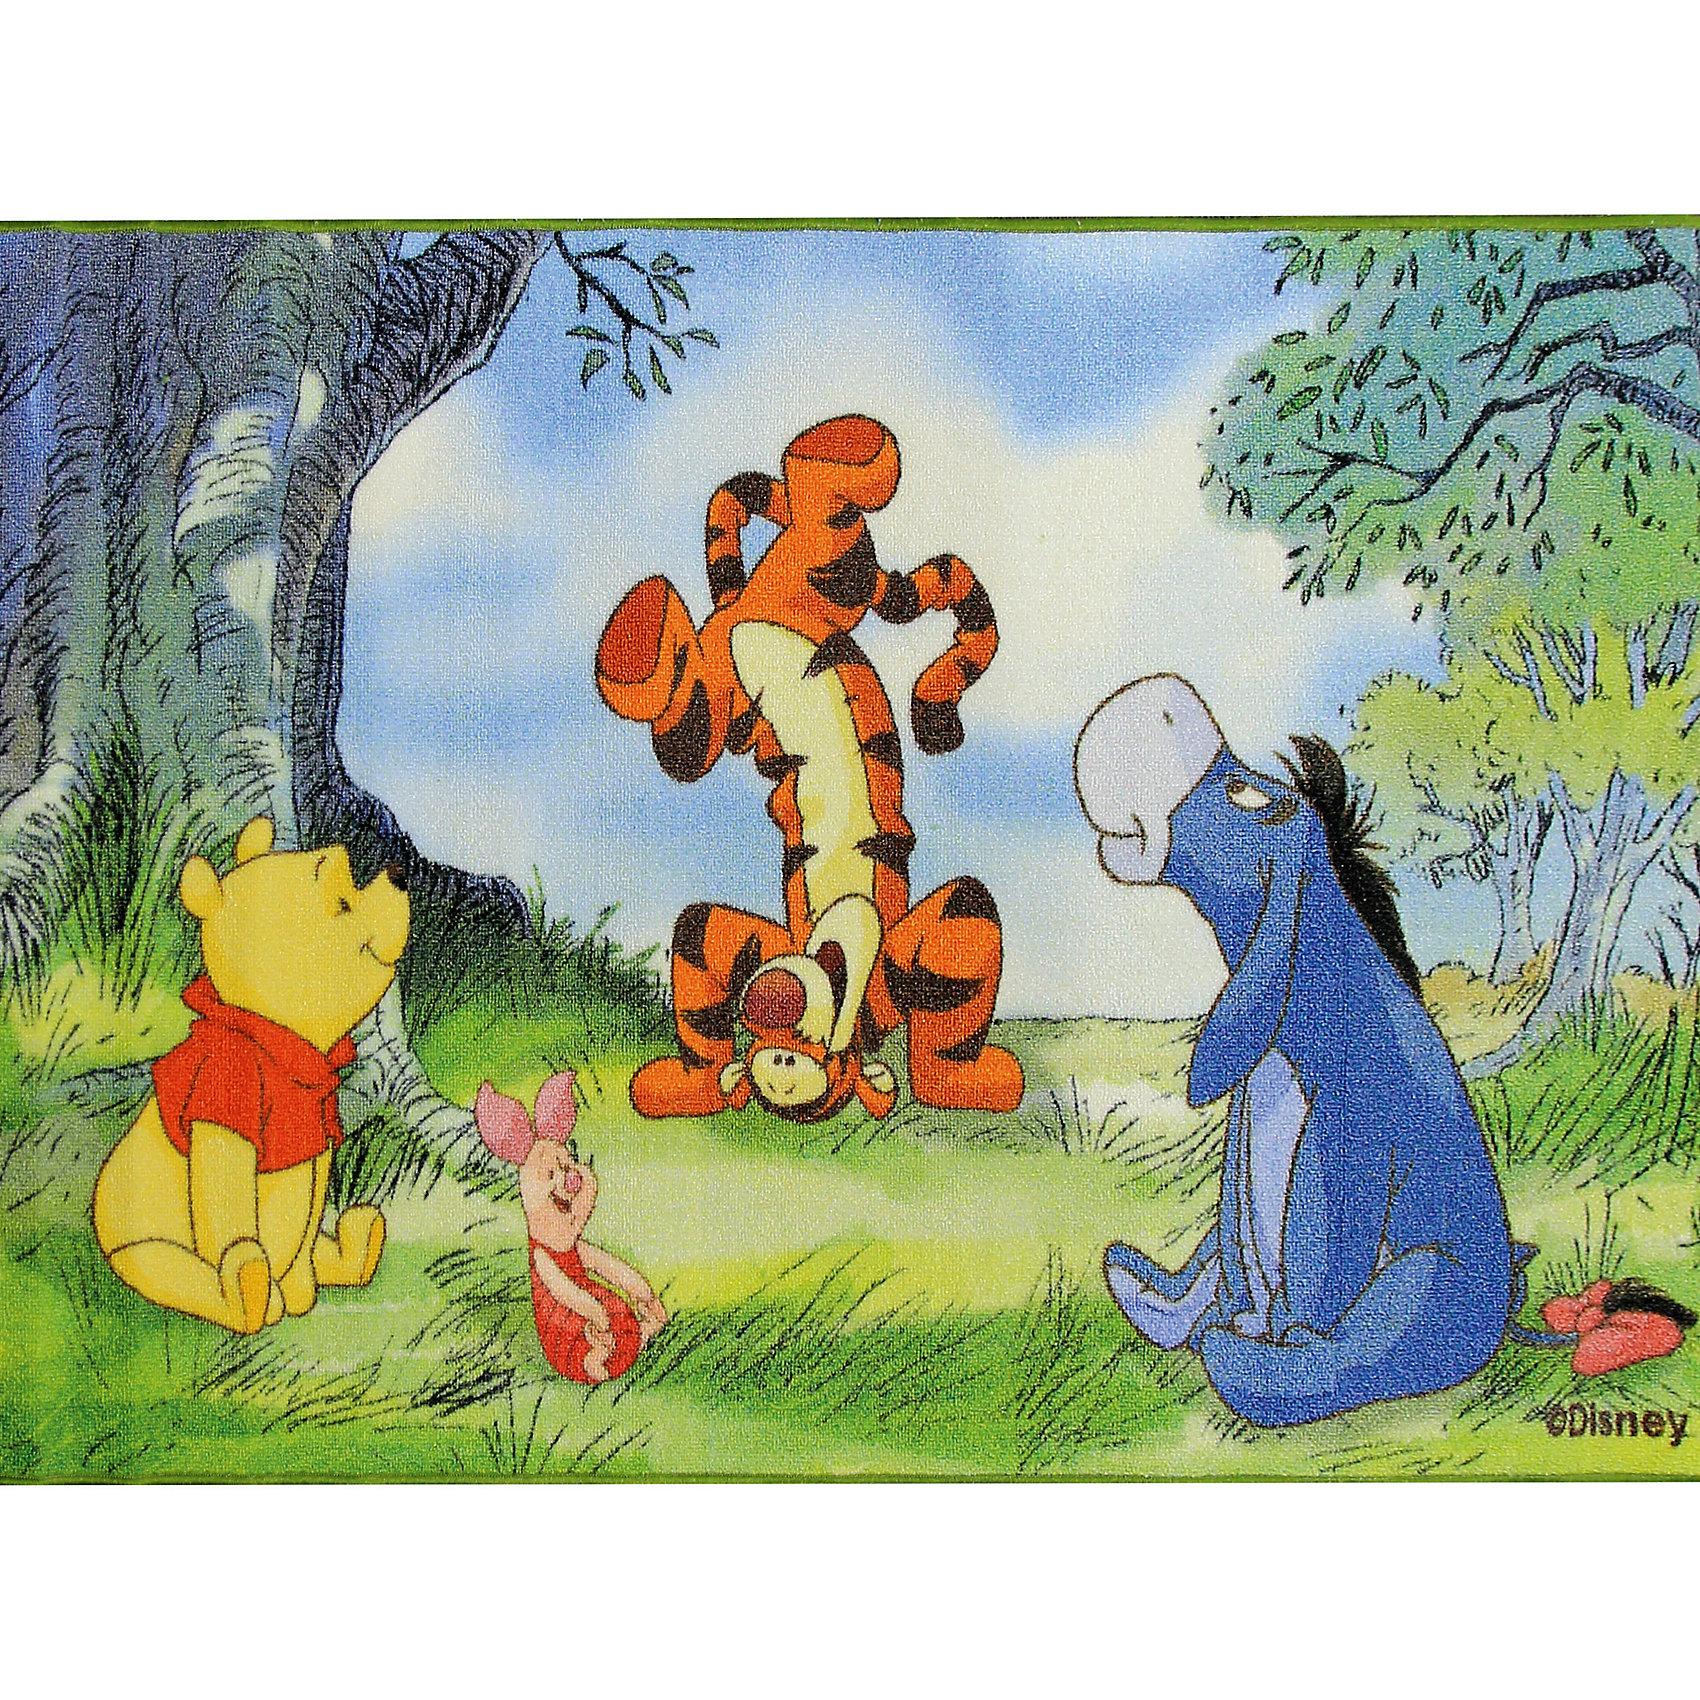 Ковер В лесу 80*133 см, Винни Пух ДиснейКовер В лесу 80*133 см, Винни Пух Дисней - яркий красочный ковер, за которым легко ухаживать сделает комнату уютной вашего ребенка.<br>Позитивный качественный детский ковёр, коллекции Disney, с героями знаменитых диснеевских мультфильмов о приключениях Винни Пуха и его друзей, украсит интерьер детской комнаты и наполнит мир вашего ребенка яркими и живыми красками. Детские ковры Disney очень практичны, изготовлены из безопасных и высококачественных синтетических материалов, стойки к истиранию и не выгорают. По краям ковры аккуратно обшиты. Полиамидный ворс не впитывает влагу, что существенно облегчает уход за изделием, а латексная основа не скользит по полу. Небольшой размер и вес позволит без труда перемещать ковер в разные места комнаты и легко производить уборку под ковром.<br><br>Дополнительная информация:<br><br>- Размер: 80х133 см.<br>- Высота ворса: 4 мм.<br>- Вес ковра: 1,3 кг/м2<br>- Состав ворса: 100% полиамид<br>- Состав основы: гелиевая<br>- Цвет: разноцветный<br>- Вид производства: машинное<br><br>Ковер В лесу 80*133 см, Винни Пух Дисней можно купить в нашем интернет-магазине.<br><br>Ширина мм: 200<br>Глубина мм: 200<br>Высота мм: 800<br>Вес г: 1277<br>Возраст от месяцев: 36<br>Возраст до месяцев: 120<br>Пол: Унисекс<br>Возраст: Детский<br>SKU: 4466026